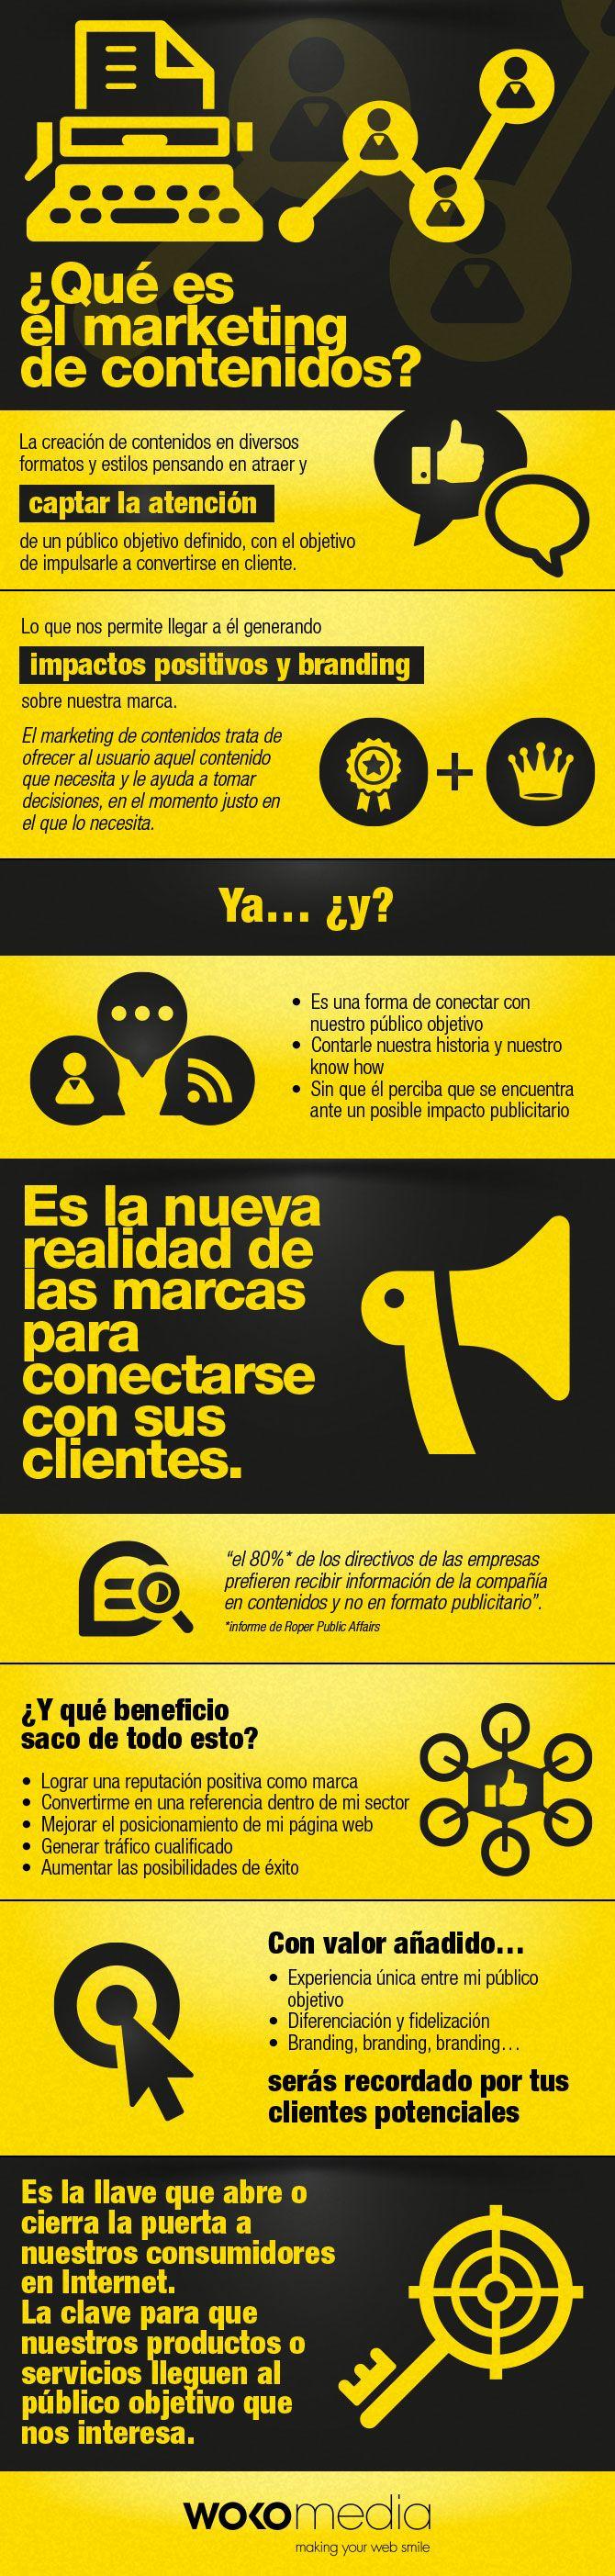 Hola: Una infografía sobre Qué es marketing de contenidos. Un saludo